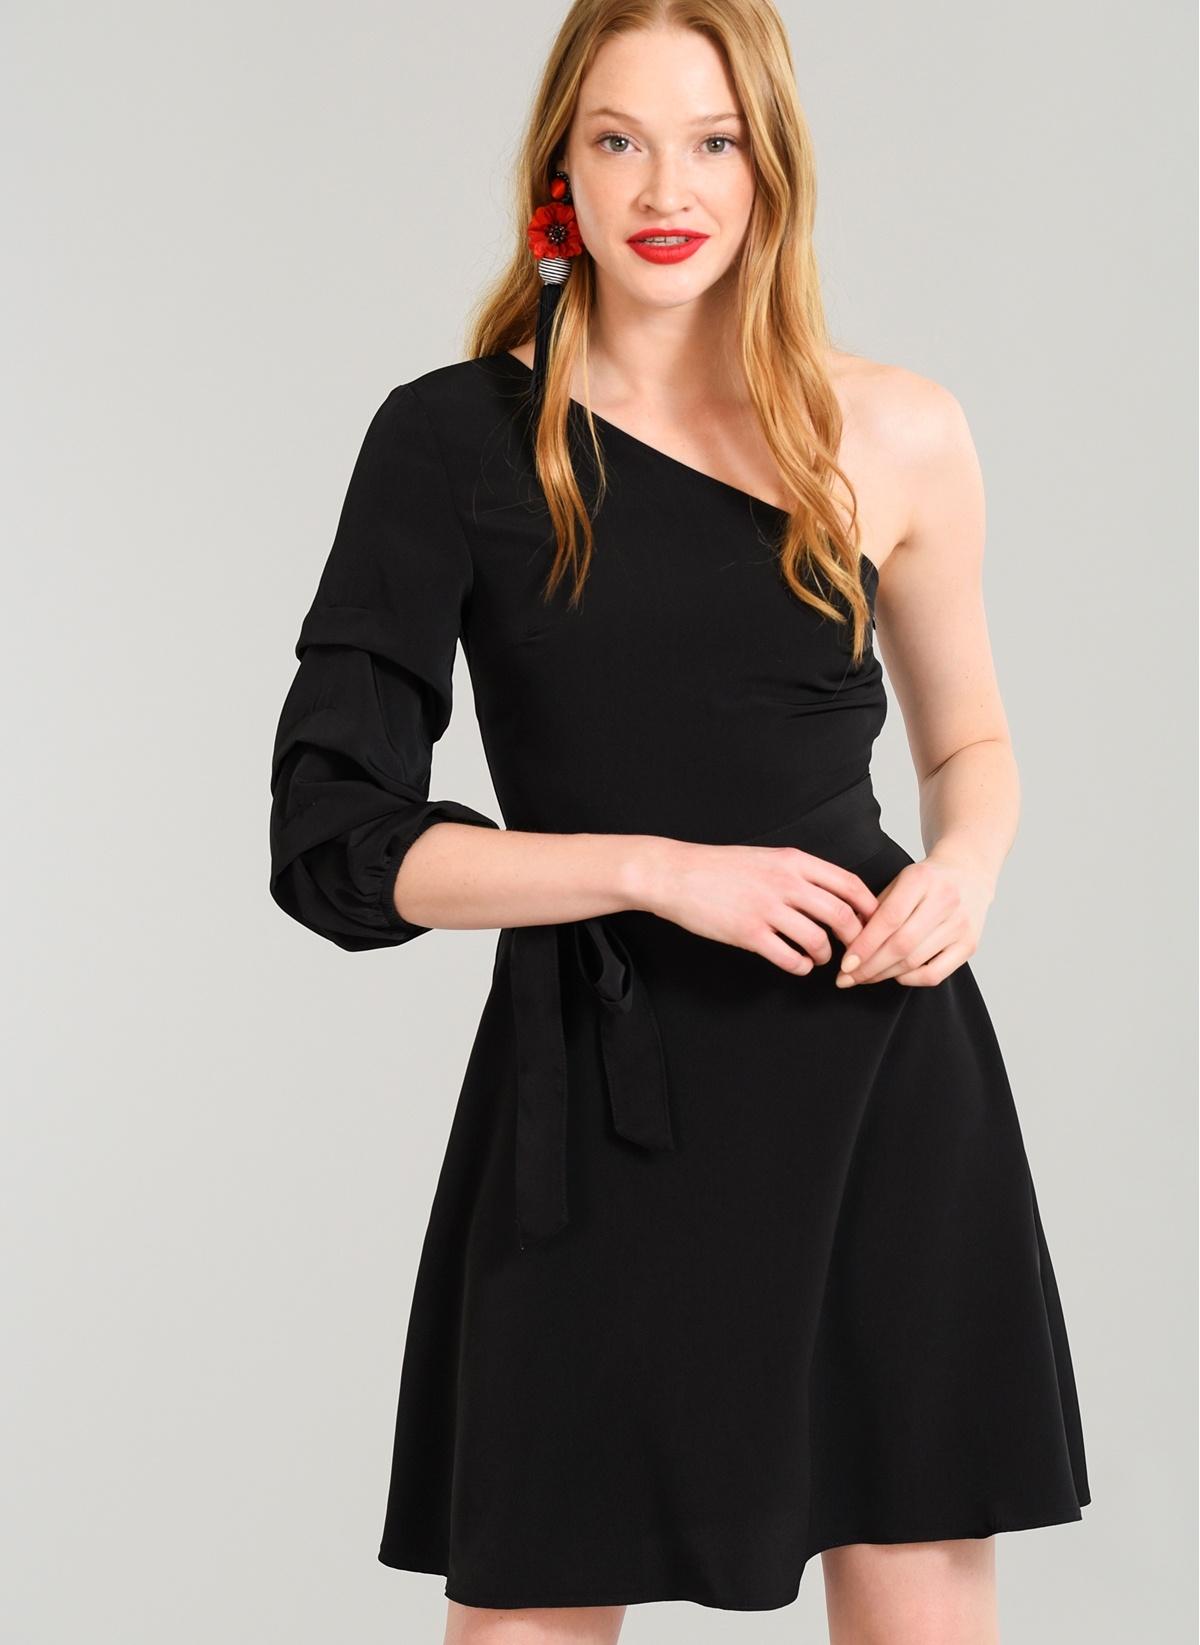 4bb2ea33f9387 People By Fabrika Kadın Tek Omuz Elbise Siyah 36 Beden 18YEL022 Ürün Resmi